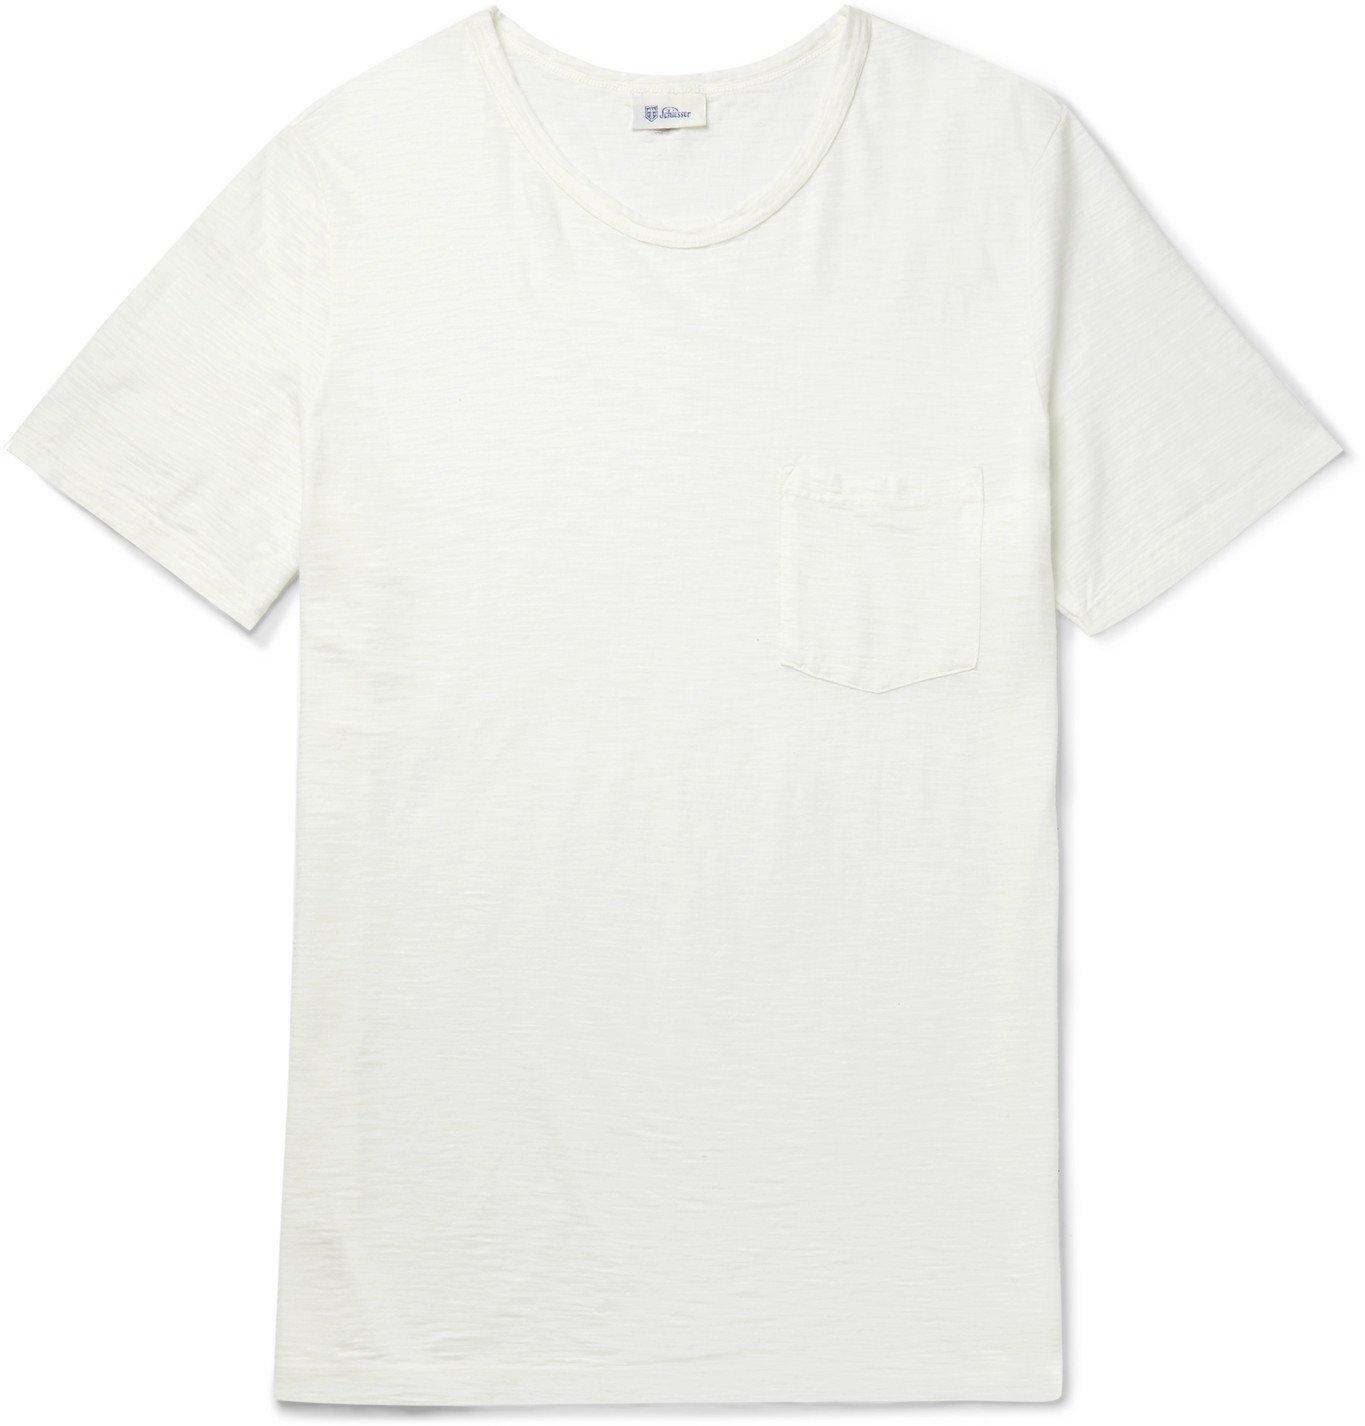 Schiesser - Hanno Slub Cotton-Jersey T-Shirt - White